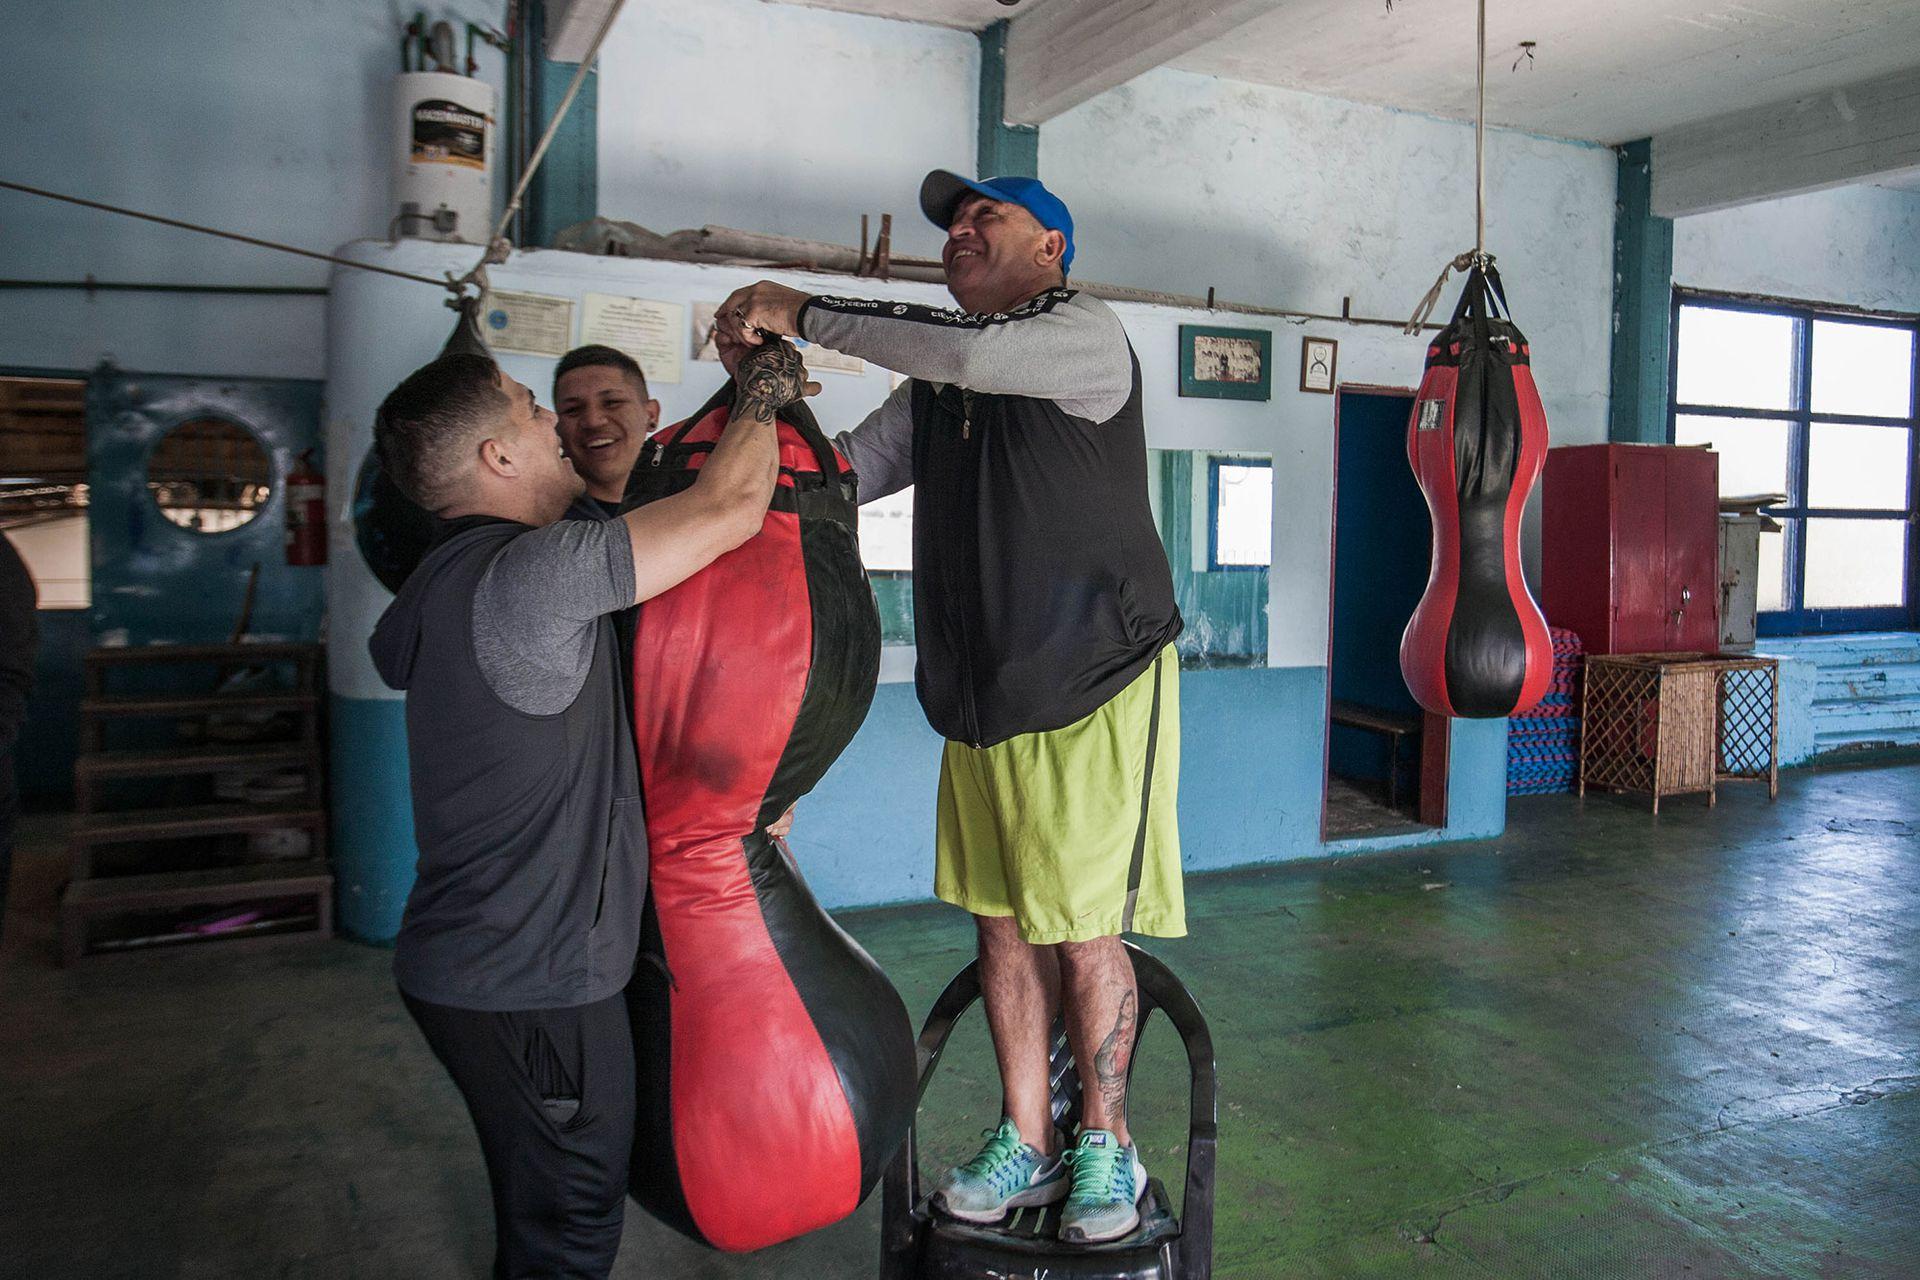 Después de entrenar en Villa Alida, descuelgan las bolsas del gimnasio para hacerles espacio a los practicantes de taekwondo.